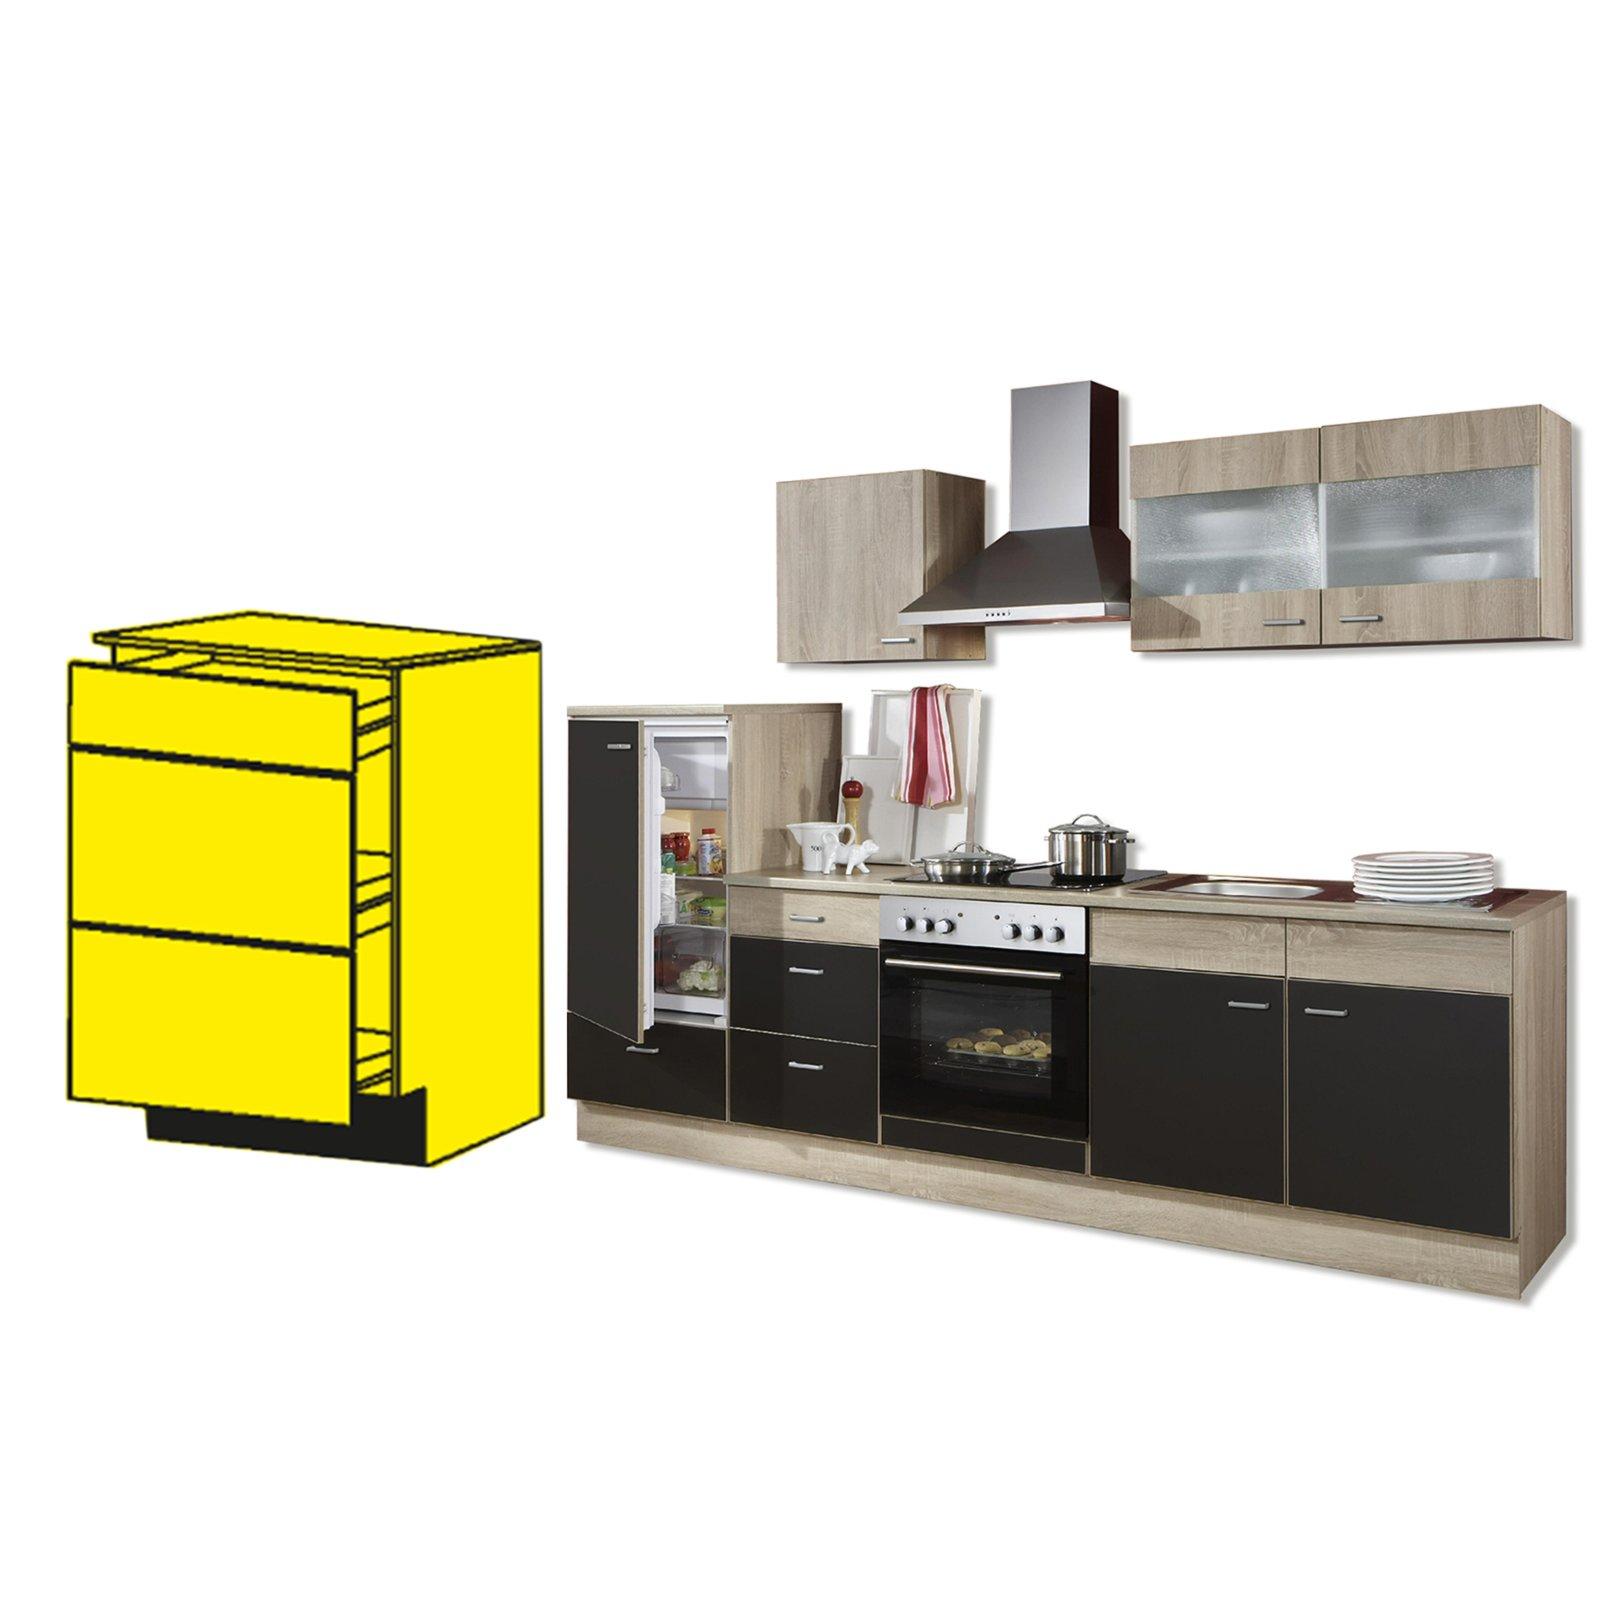 Anrichte JOLINA - Sonoma Eiche - Lava matt | Küche JOLINA ...